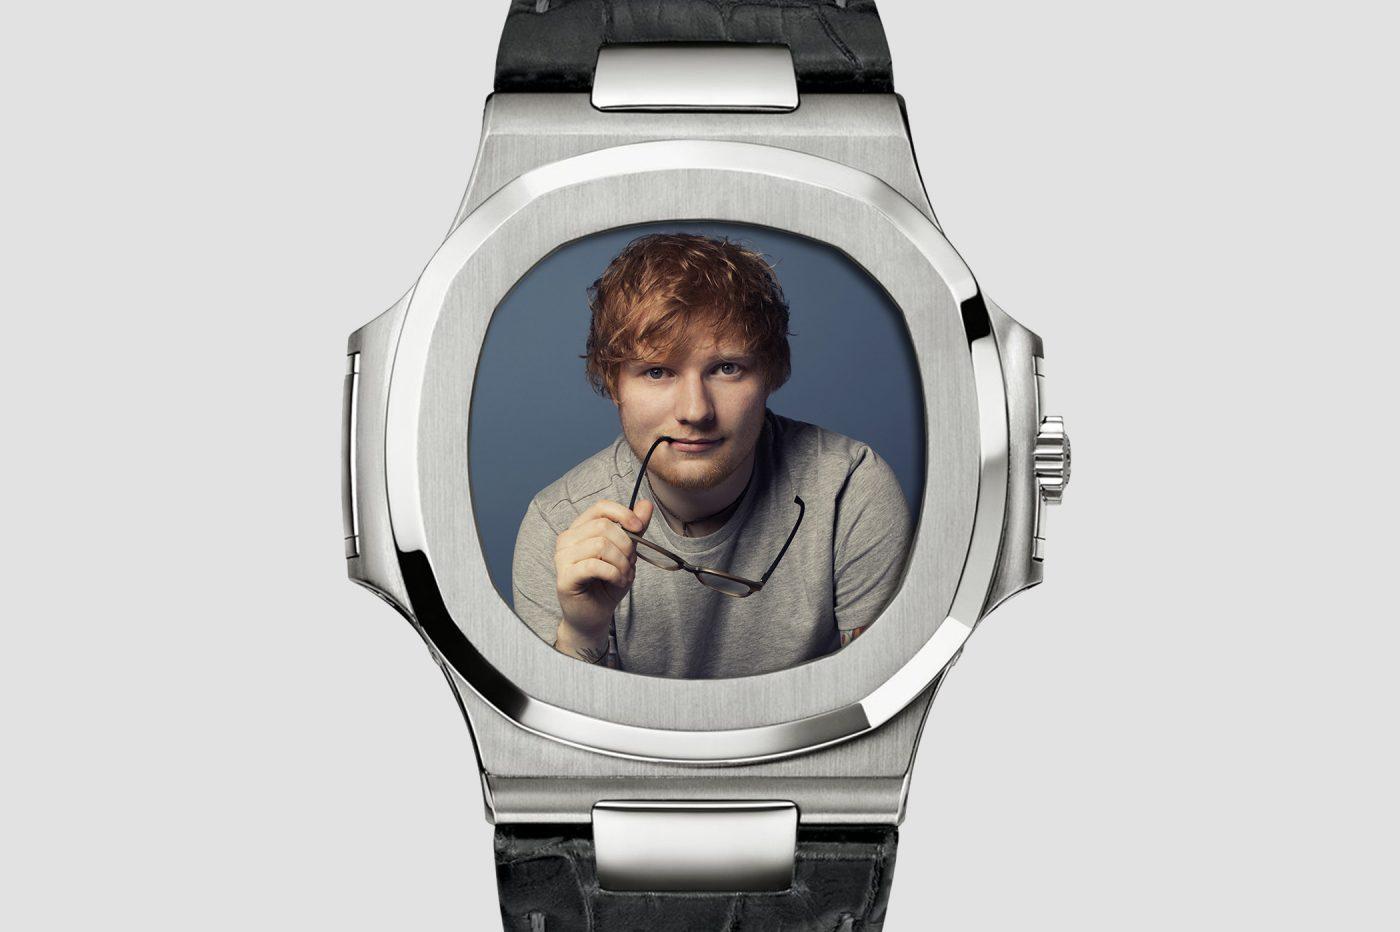 Timebloid Zegarki w showbiznesie: Ed Sheeran